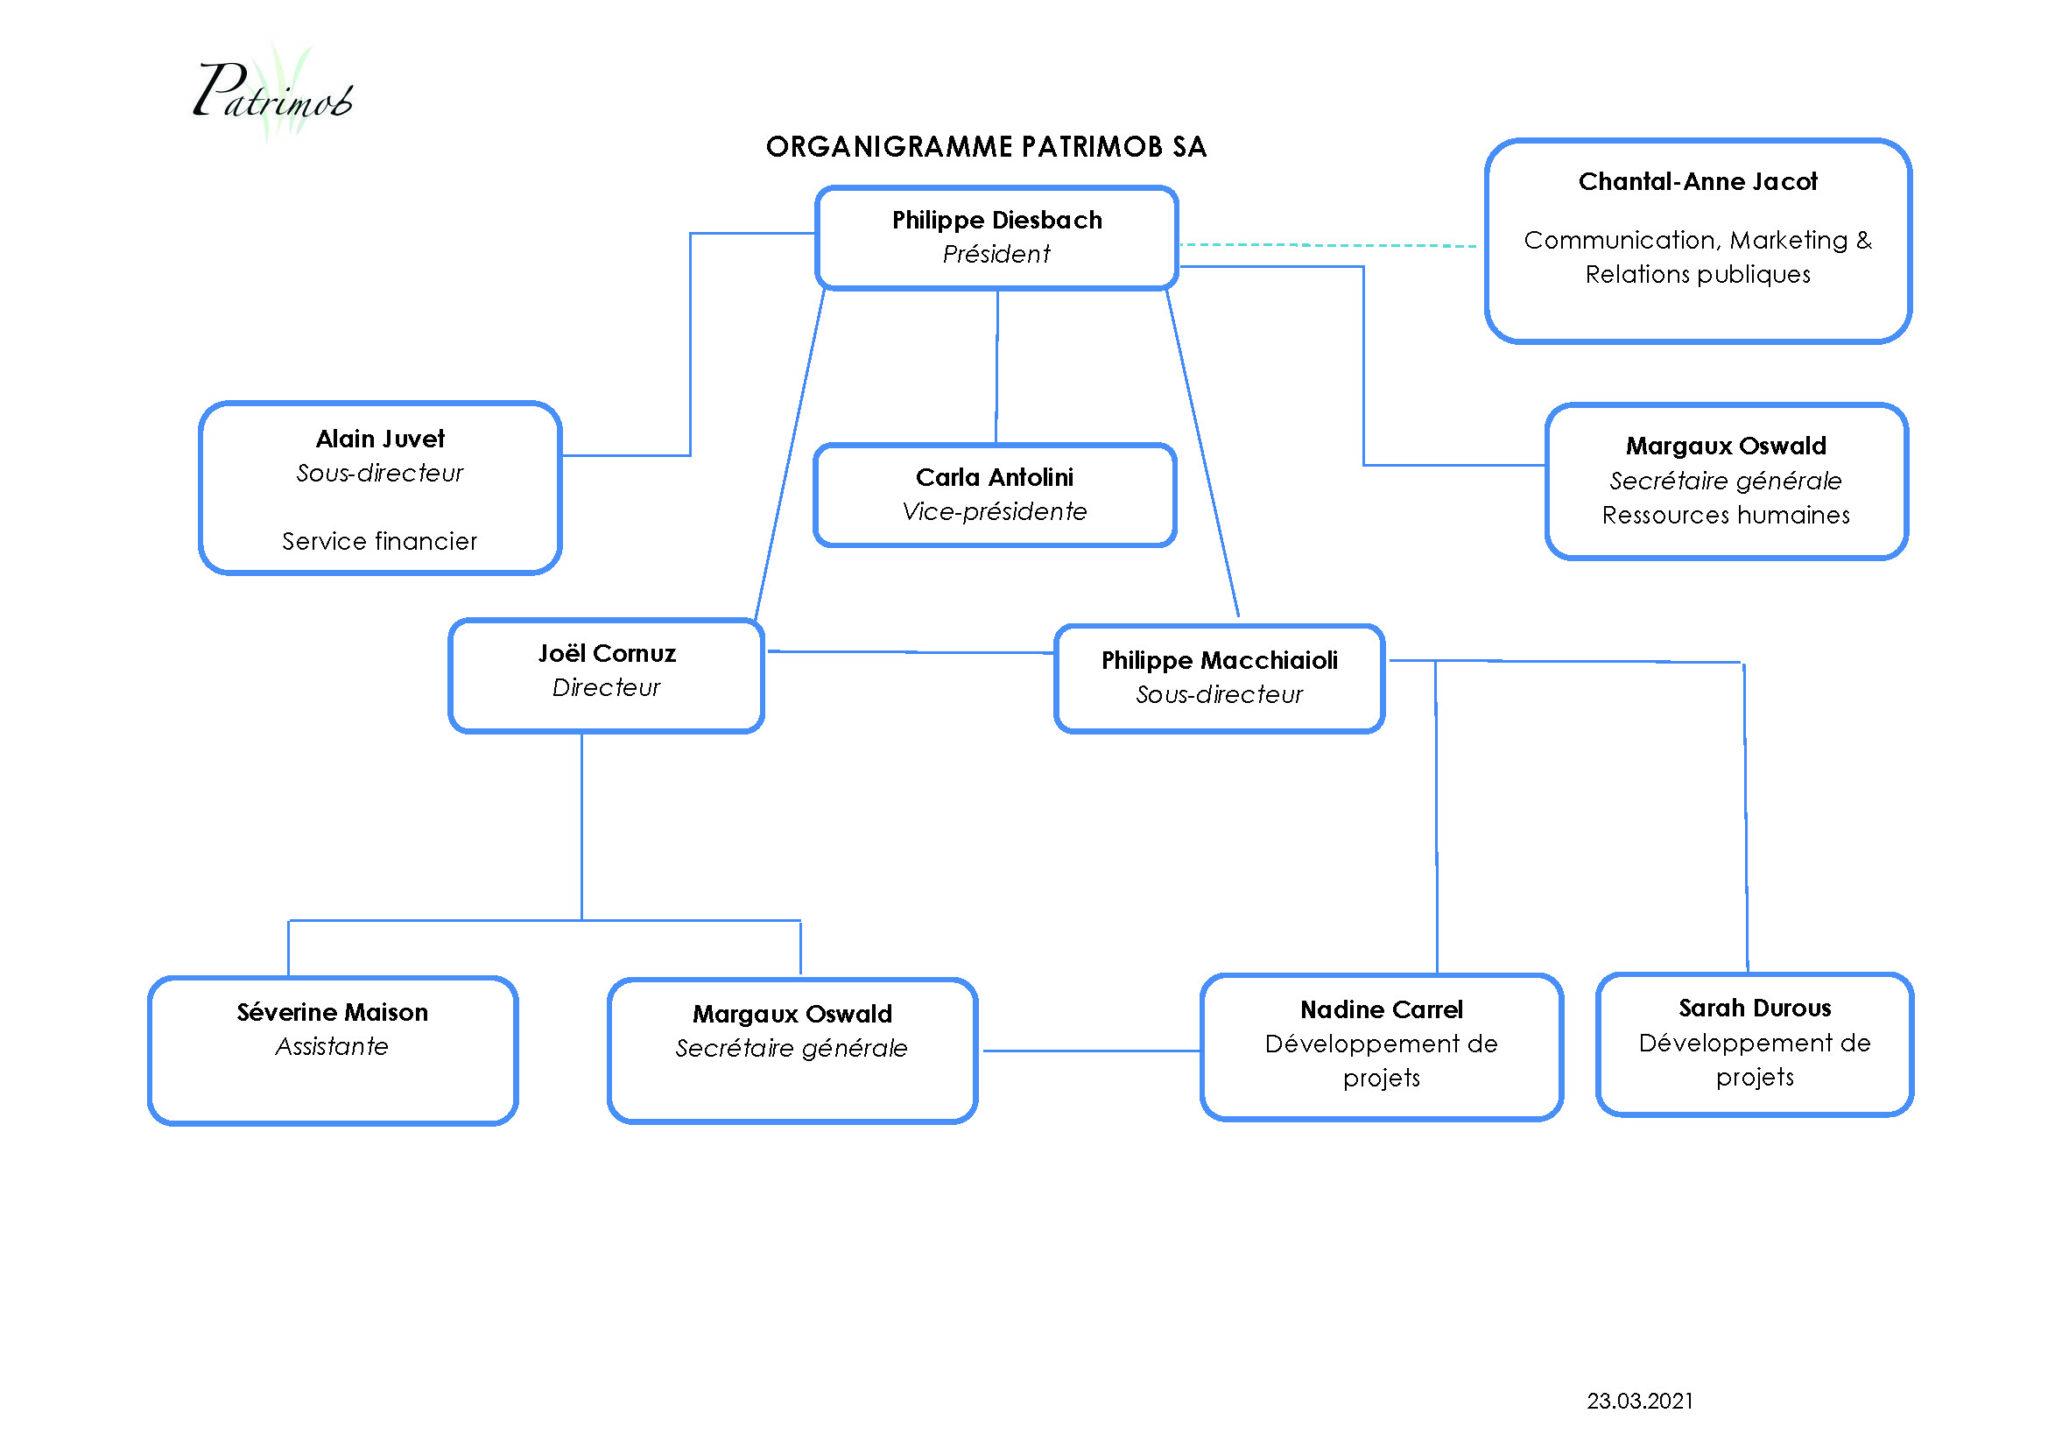 image organigramme de structure Patrimob SA du 23/03/2021